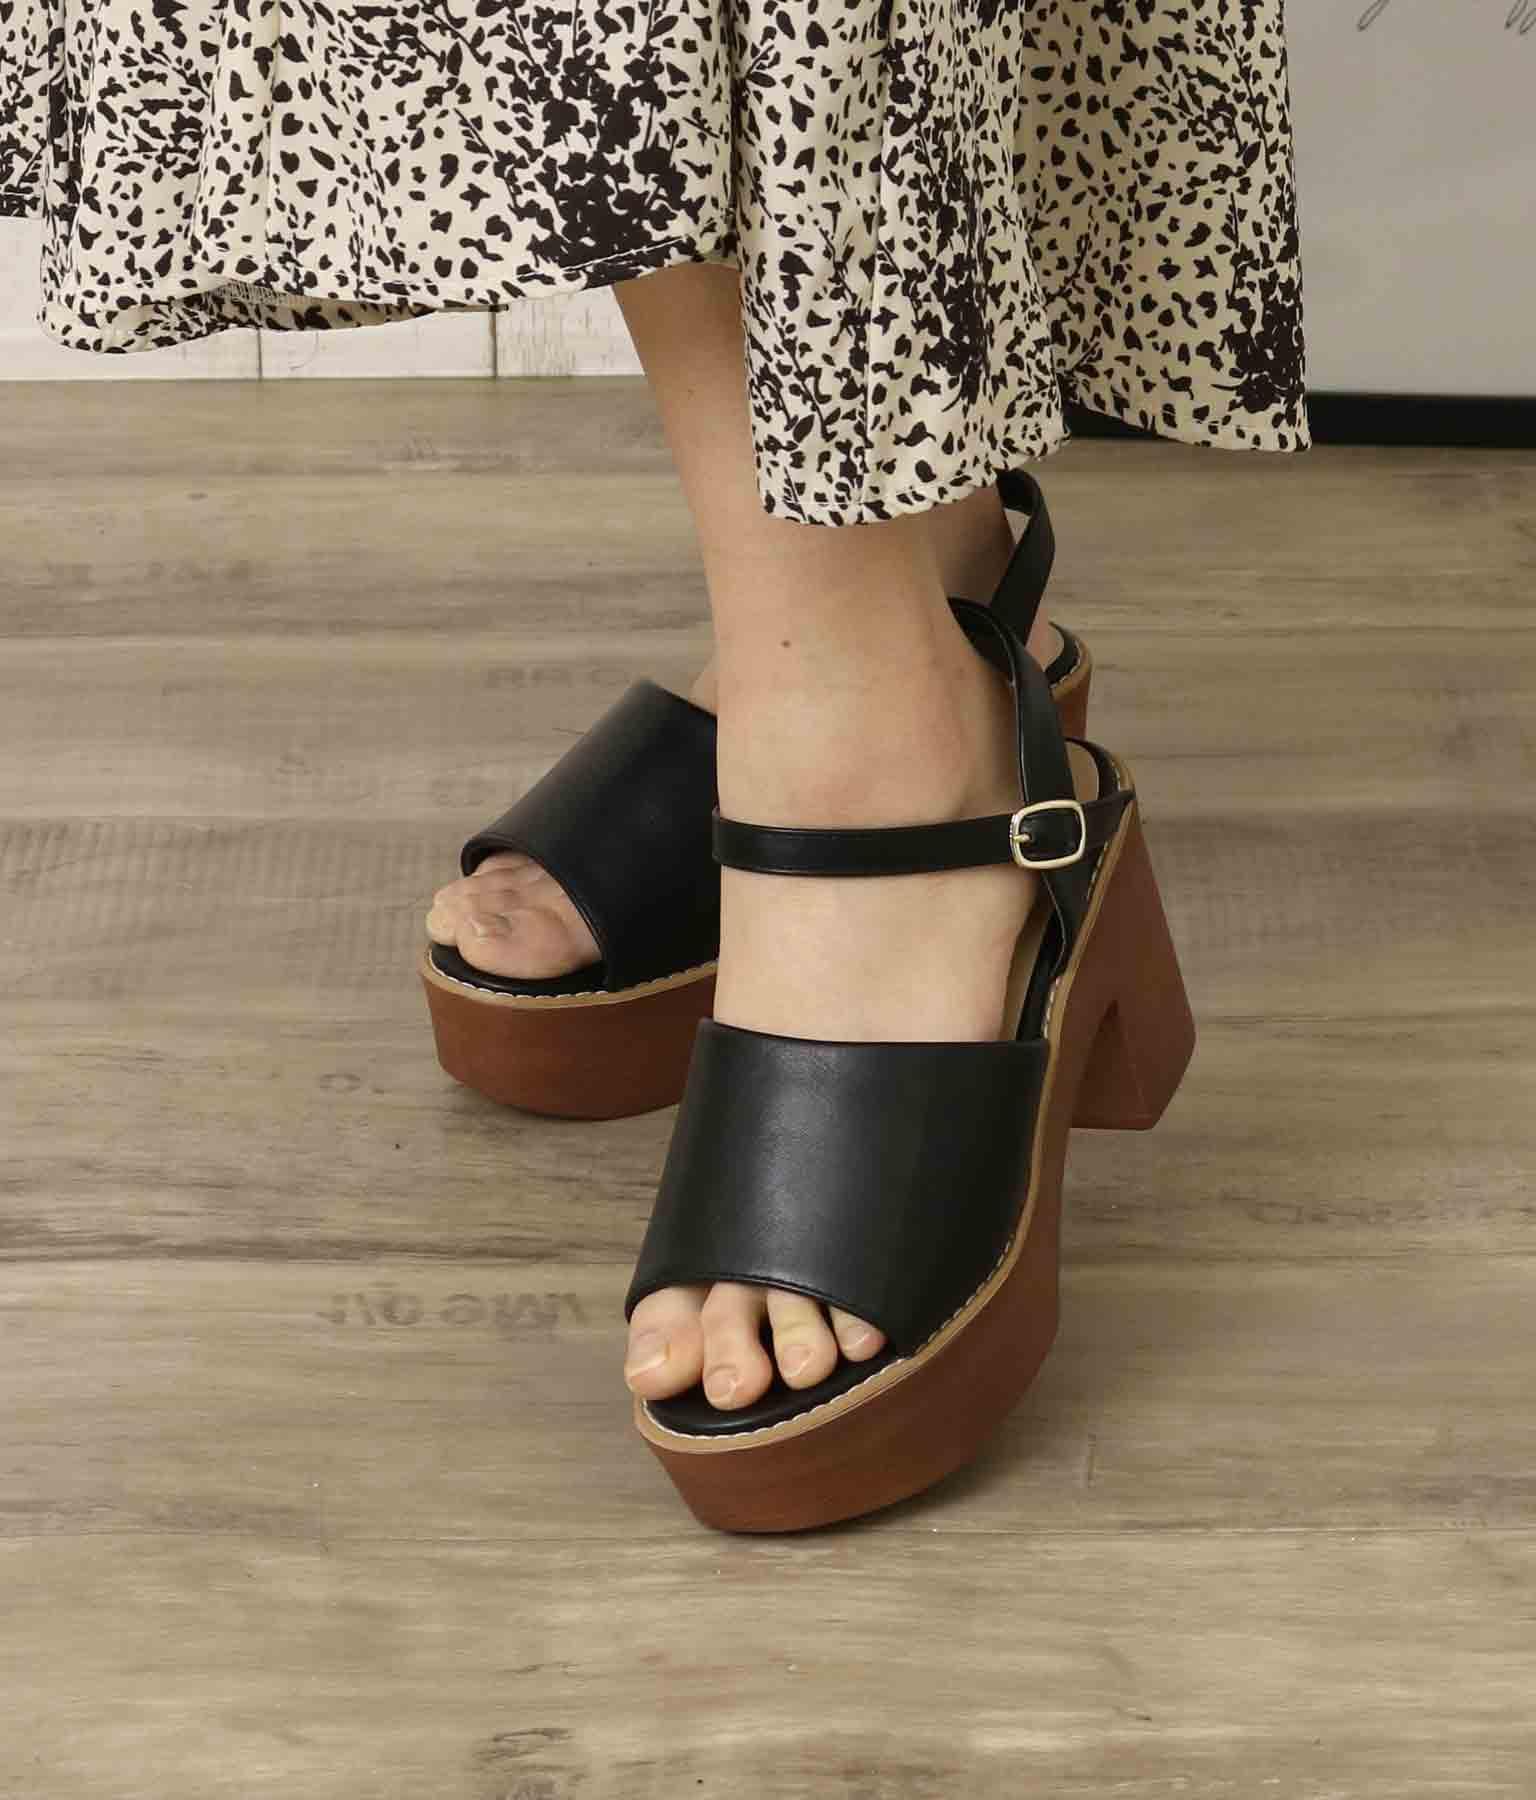 ウッドヒールパイピングサンダル(シューズ・靴/サンダル) | CHILLE